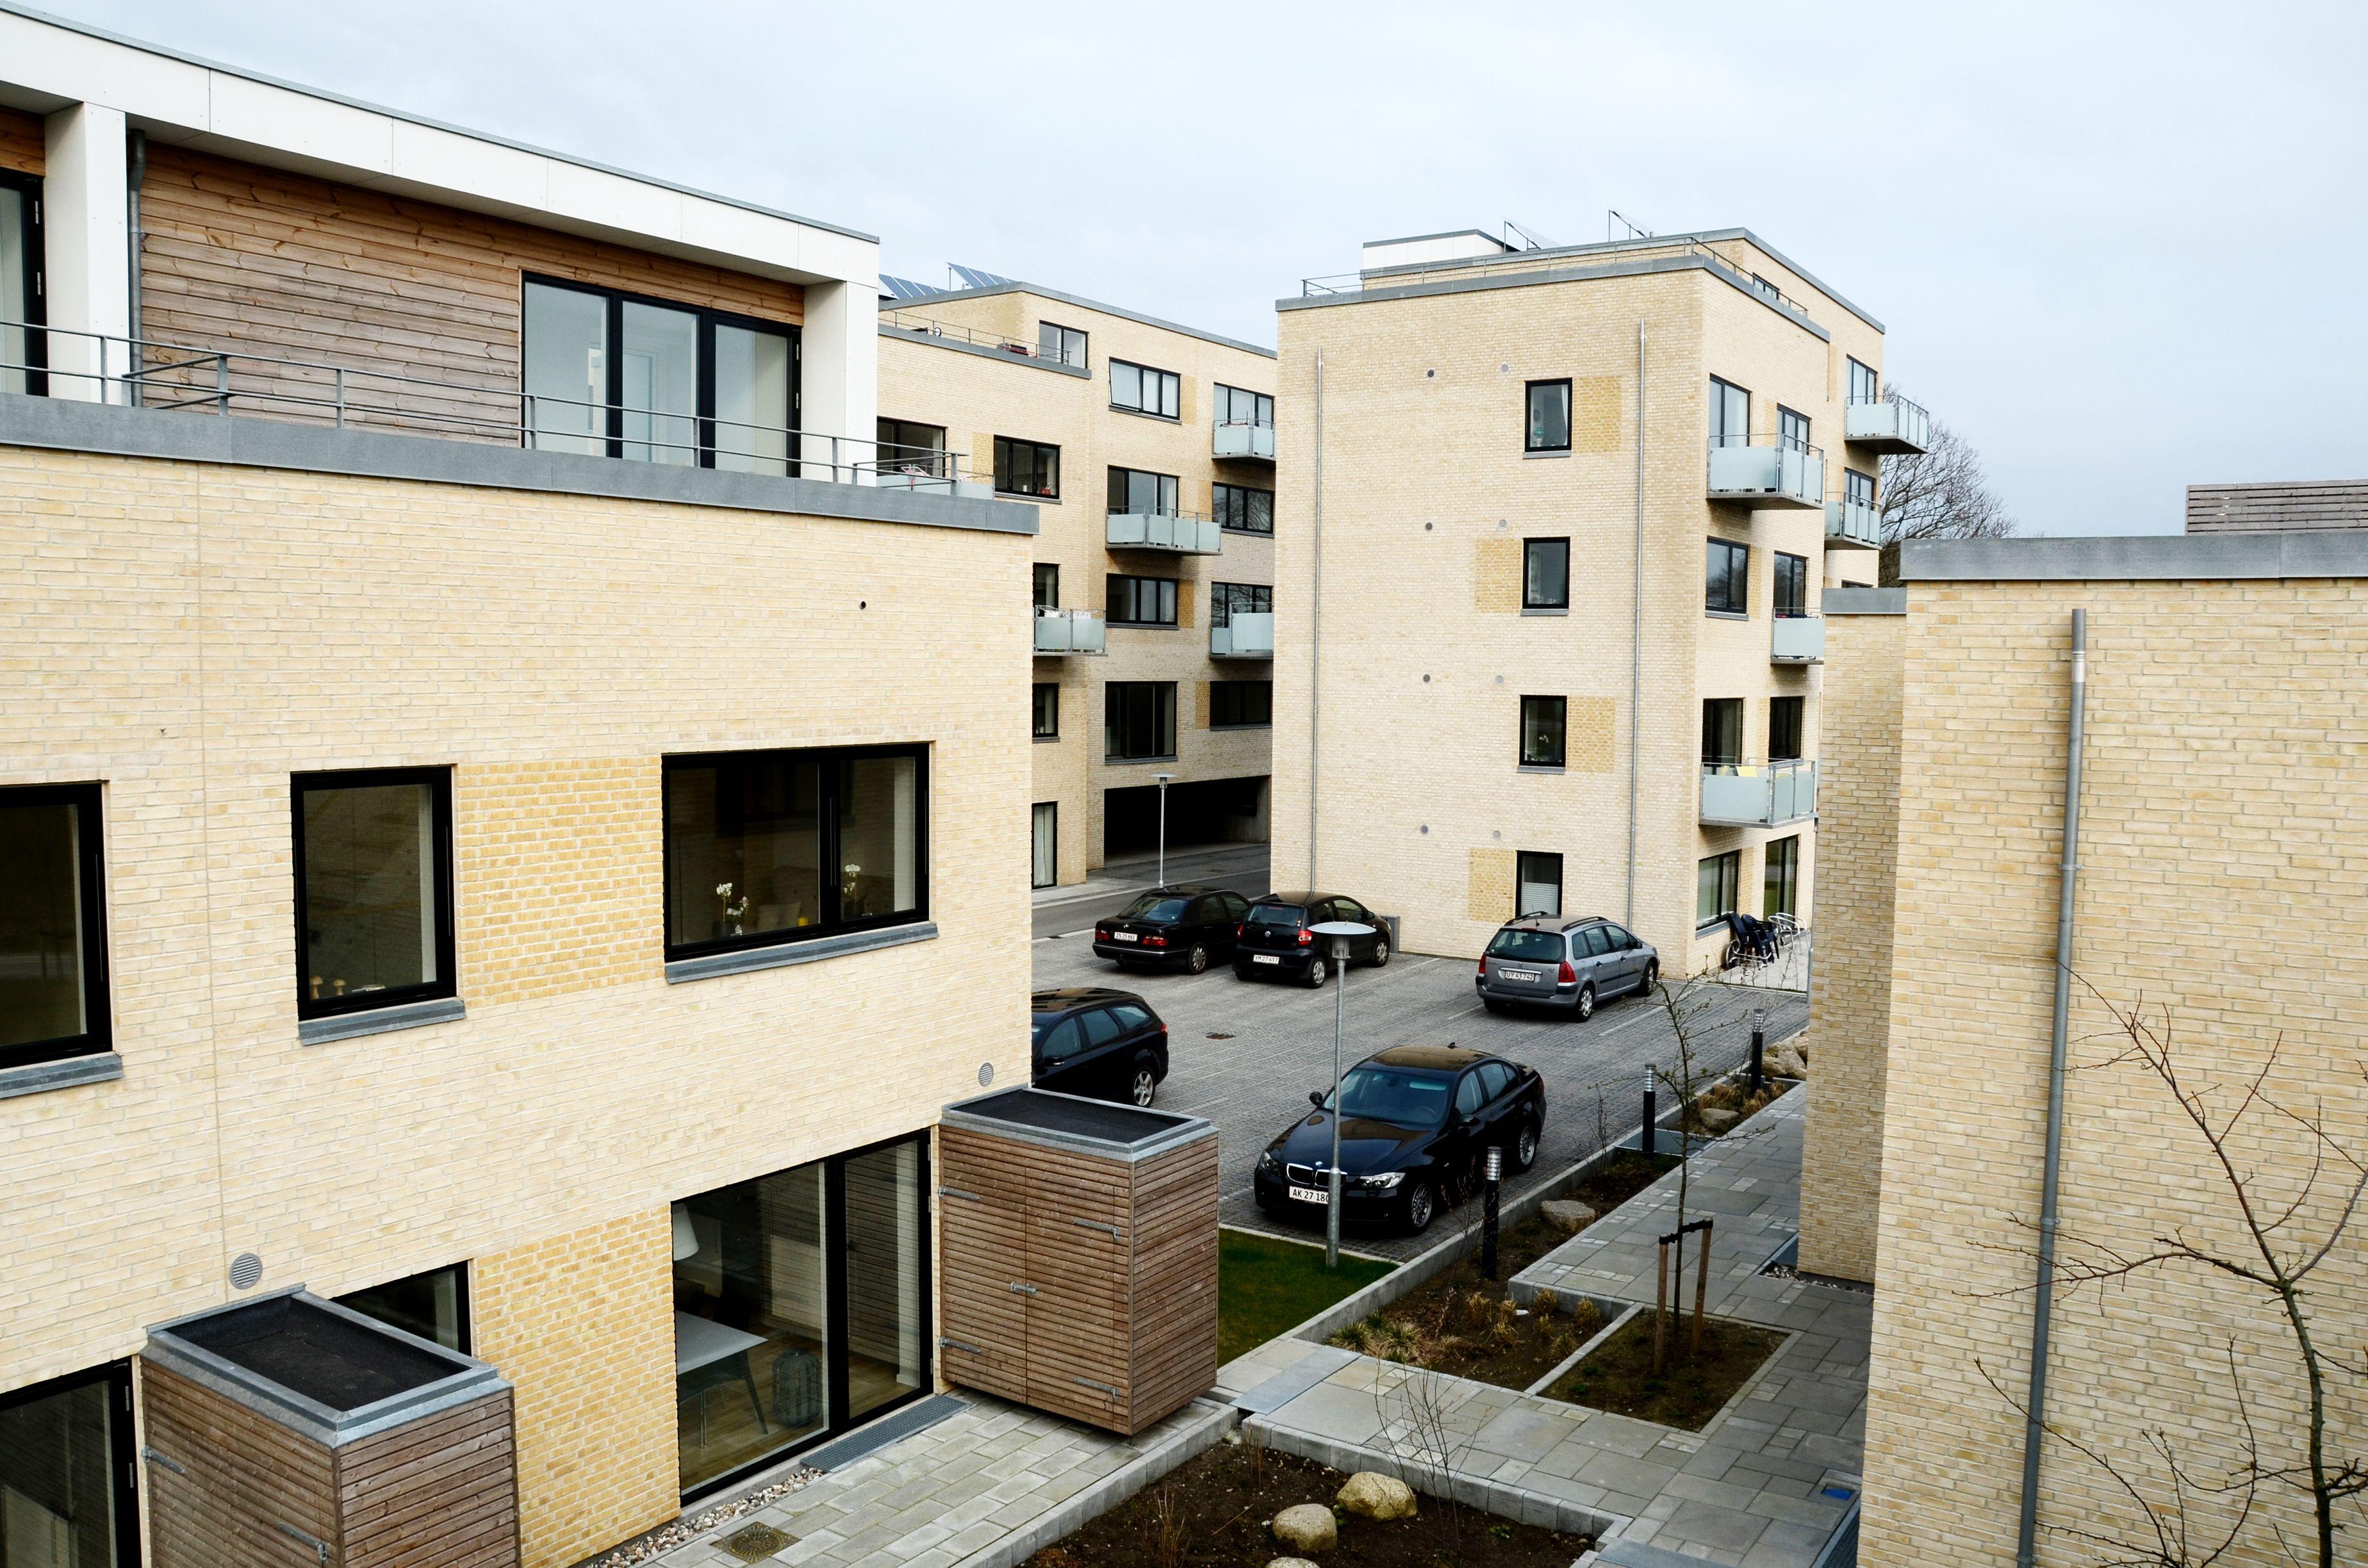 Pluskontoret Architekter I Tankefuld I Denmark, Svendborg I 2013